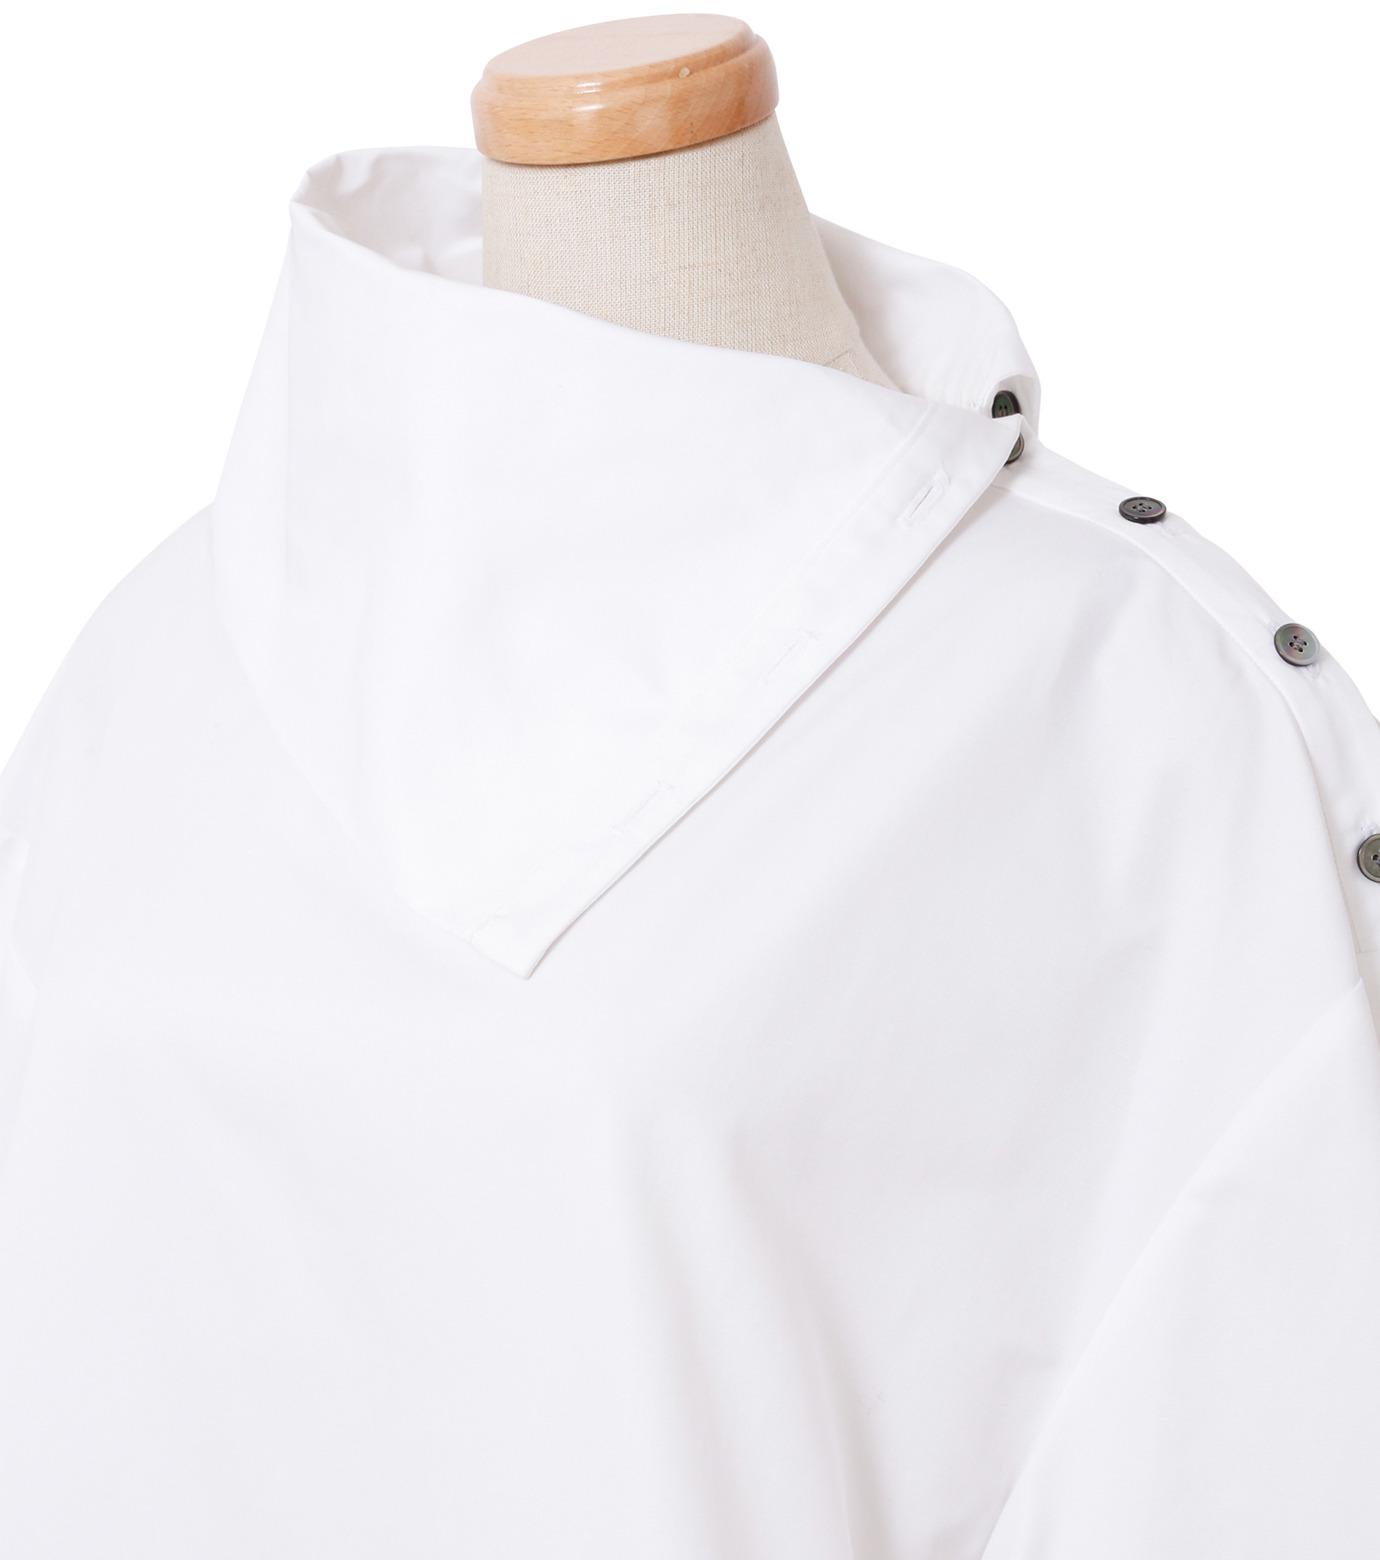 IRENE(アイレネ)のサイドウェイカラーシャツ-WHITE(シャツ/shirt)-18A83003 拡大詳細画像4